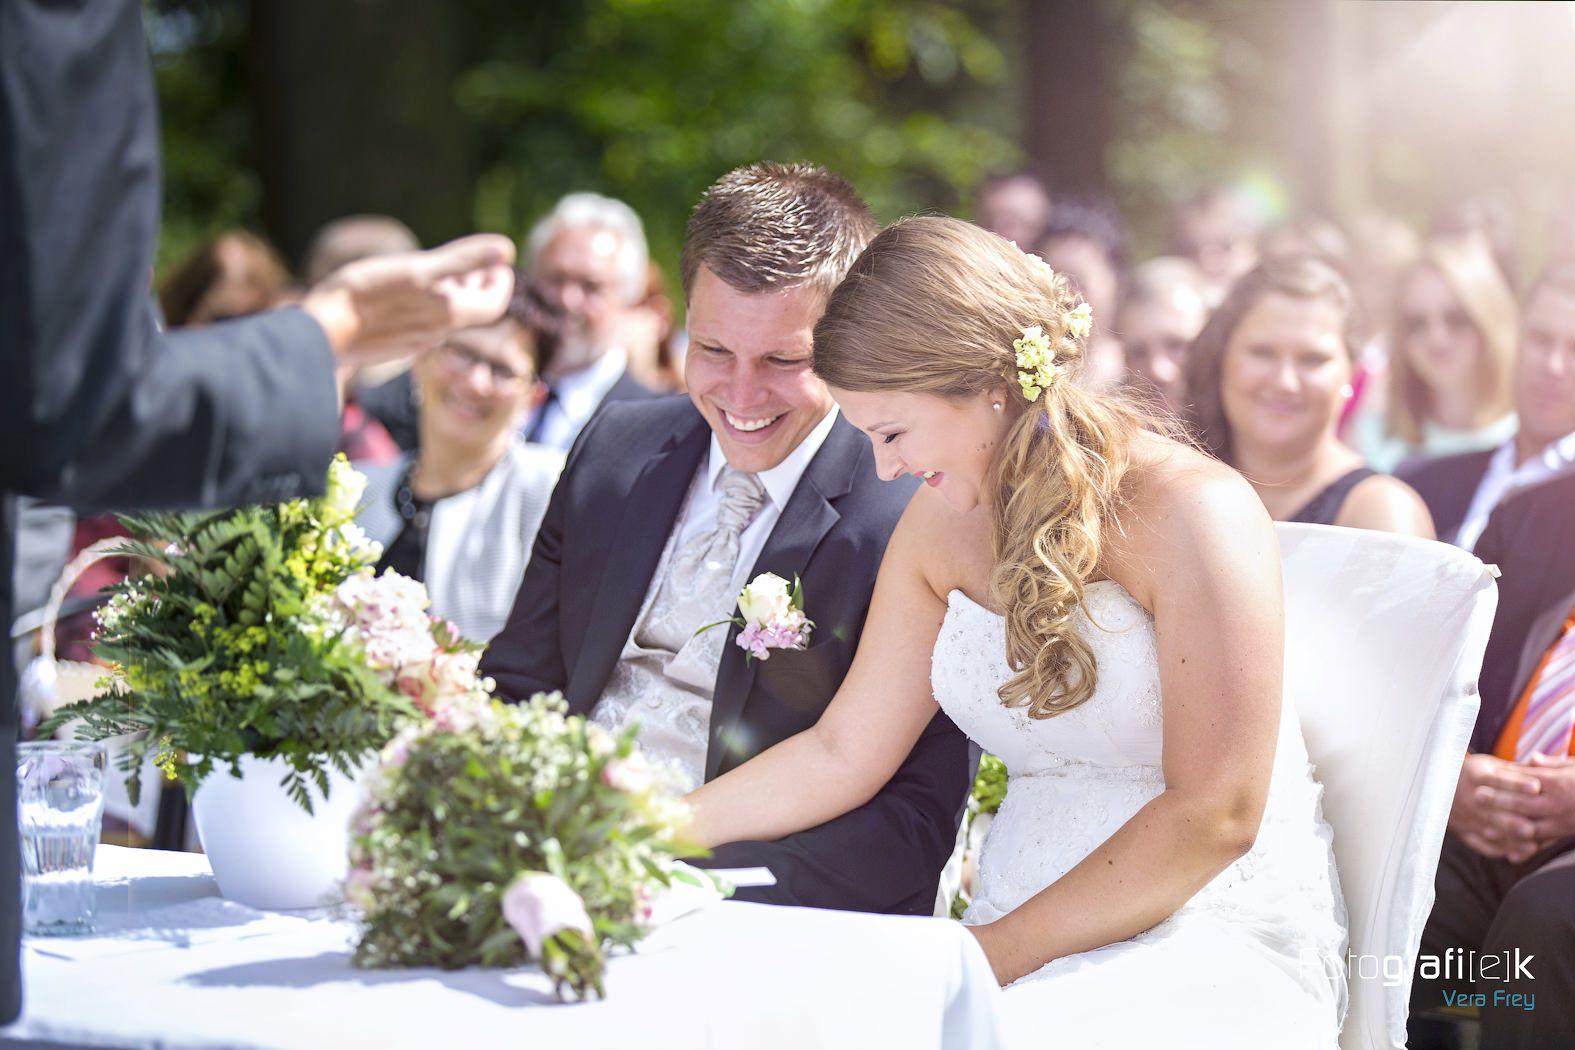 Wunderschönes Foto von dem Brautpaar, so natürlich, so echt. Von Herzen alles Gute für euch! #bergpark #herkules #kassel